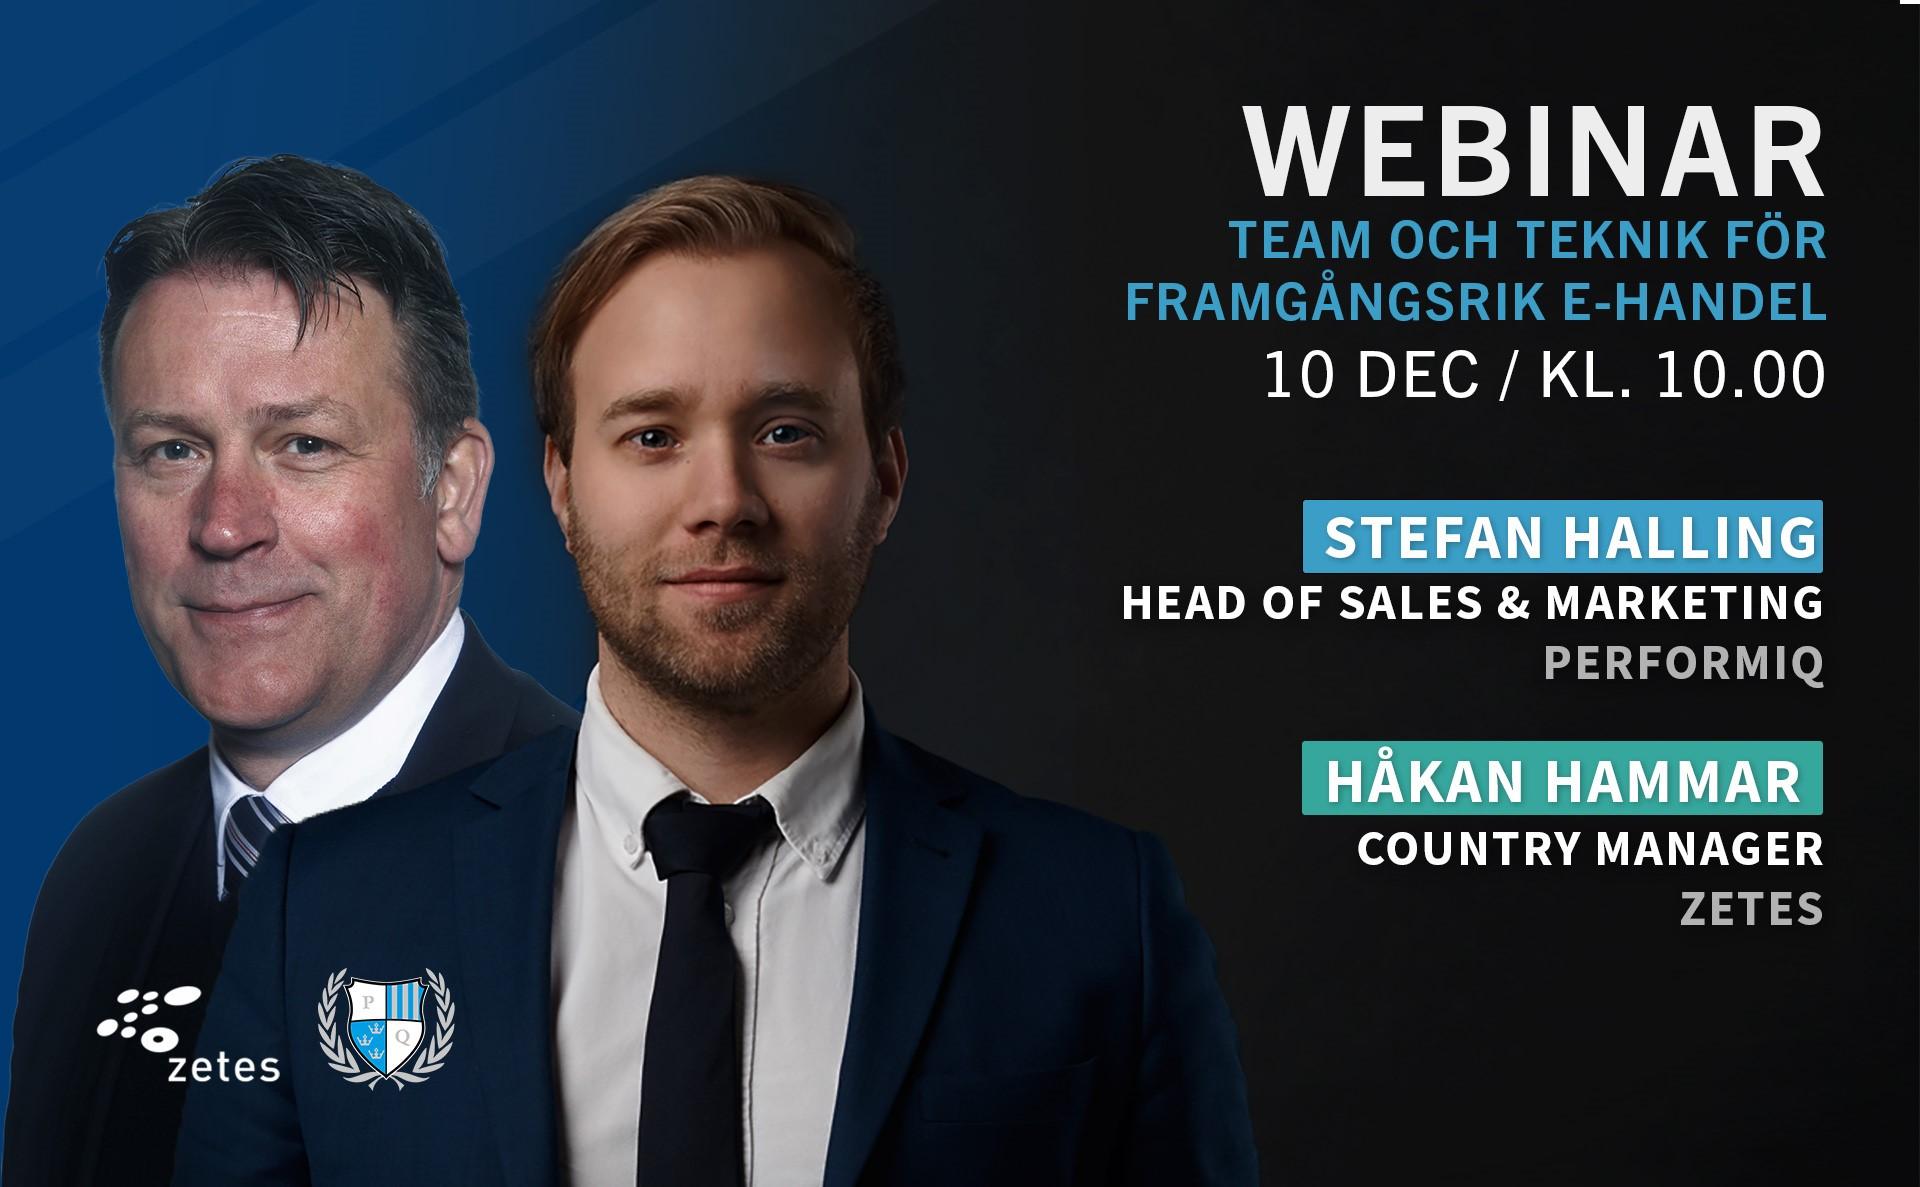 Webinar team och teknik inom e-handel